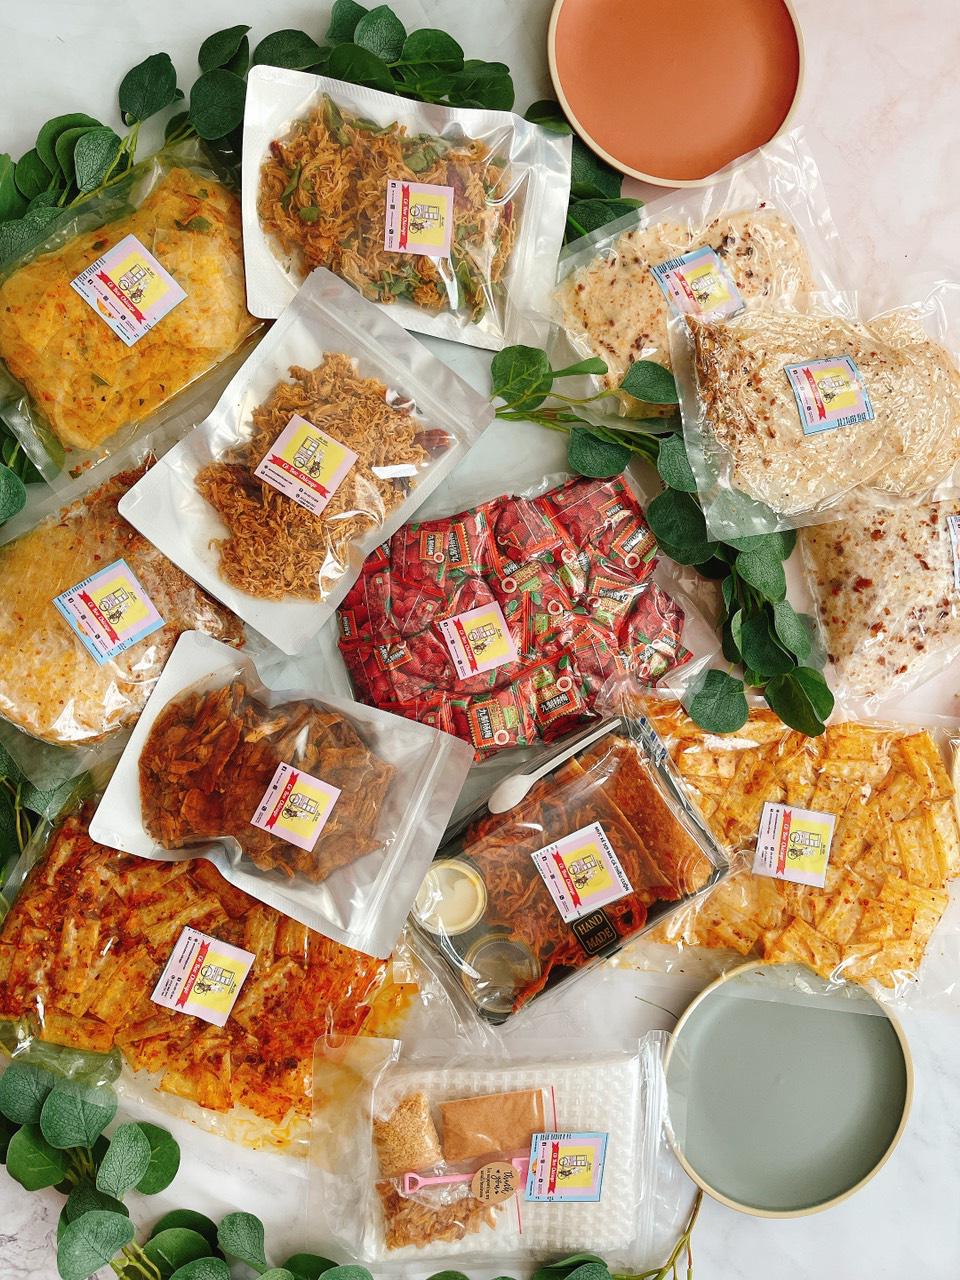 Chân dung cô chủ 23 tuổi Vũ Hồng Cúc cùng thương hiệu ăn vặt Việt tại Mỹ - Ảnh 4.